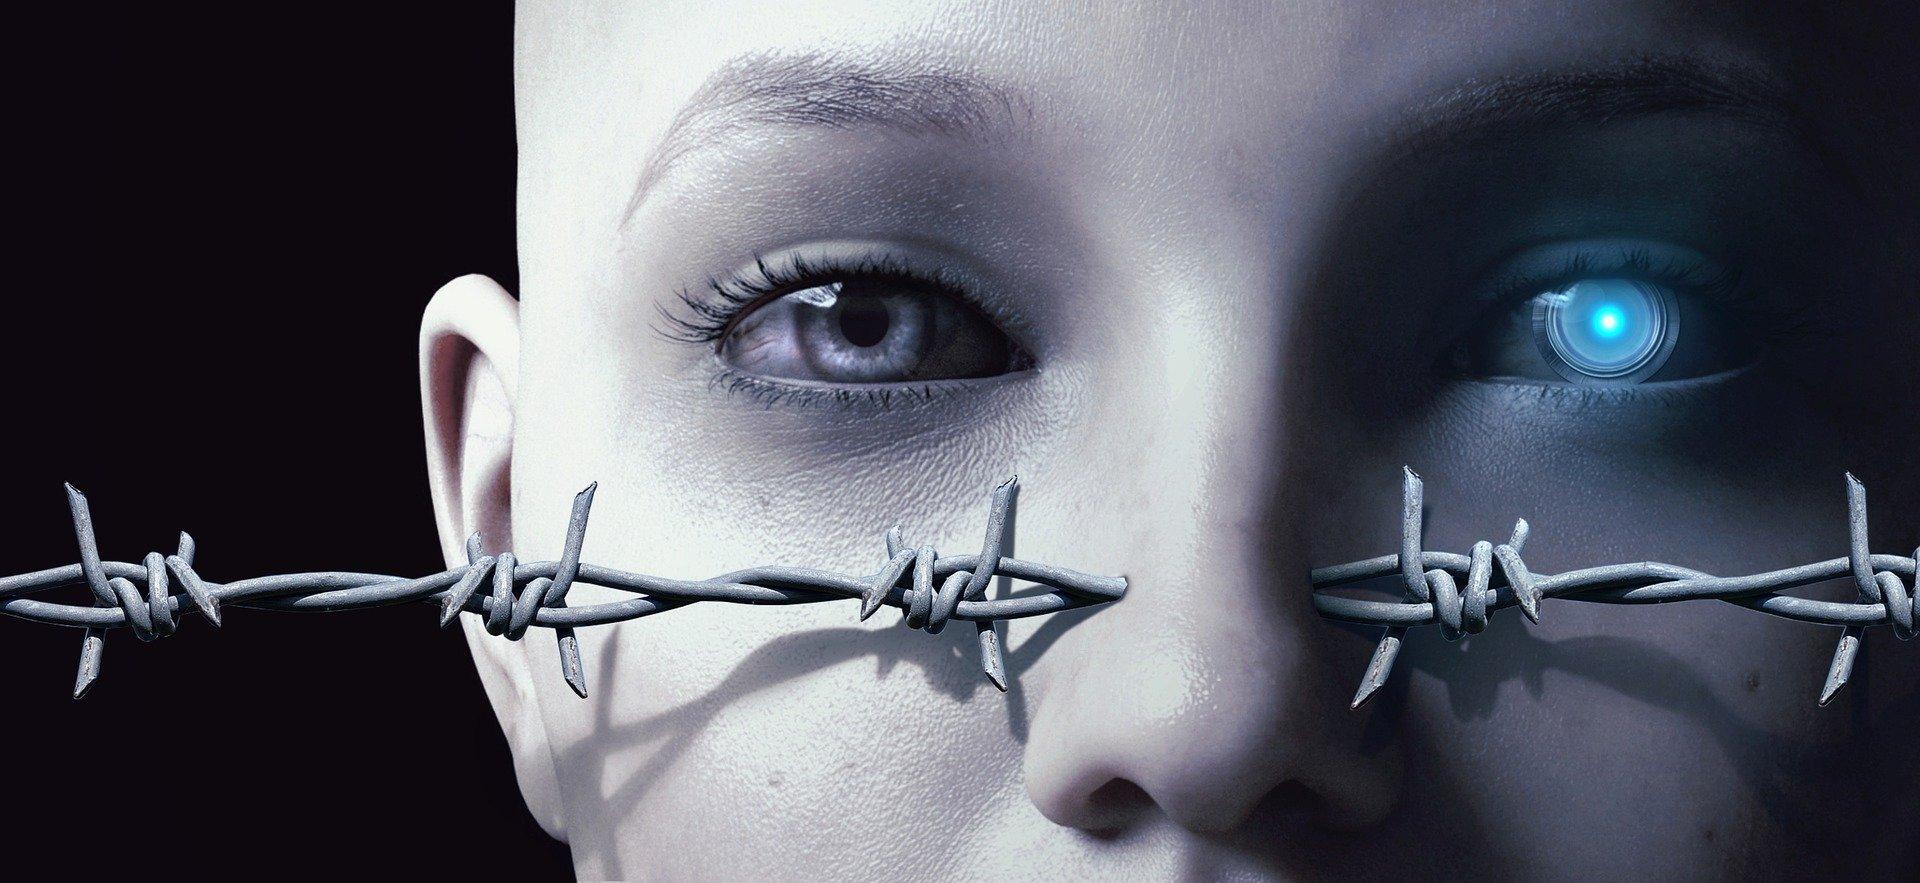 Gesicht eines Androiden. Ausschnitt der Augen-Nase-Partie. Ein Auge ist menschliche, das andere künstlich. Stacheldraht durchstößt die Nase.